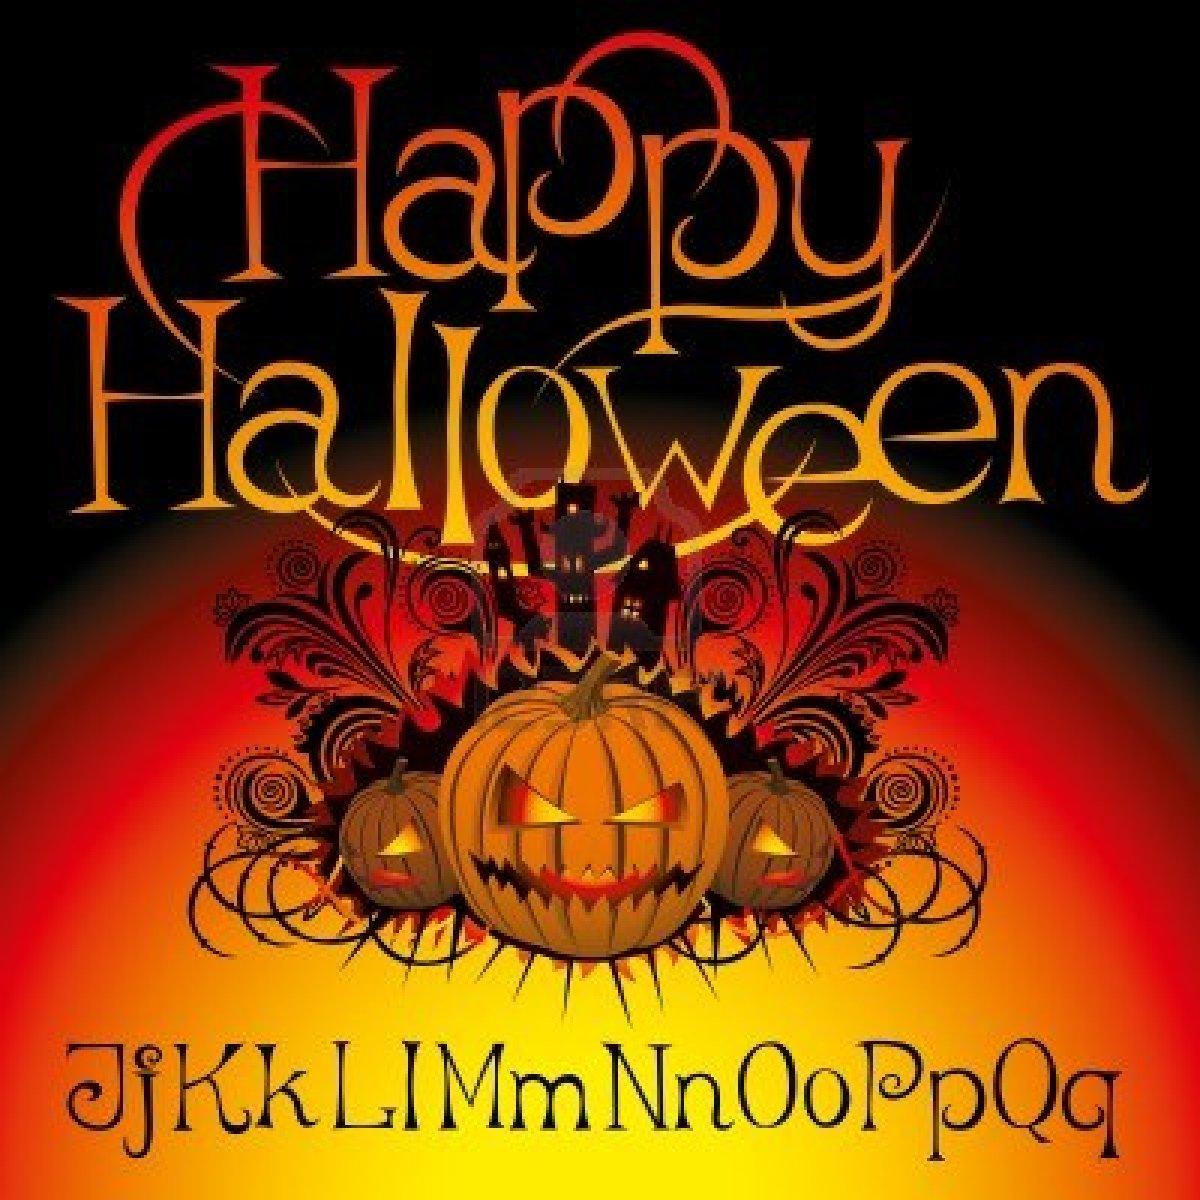 Dessin en couleurs imprimer ev nements halloween citrouille num ro 166051 - Citrouille halloween dessin couleur ...